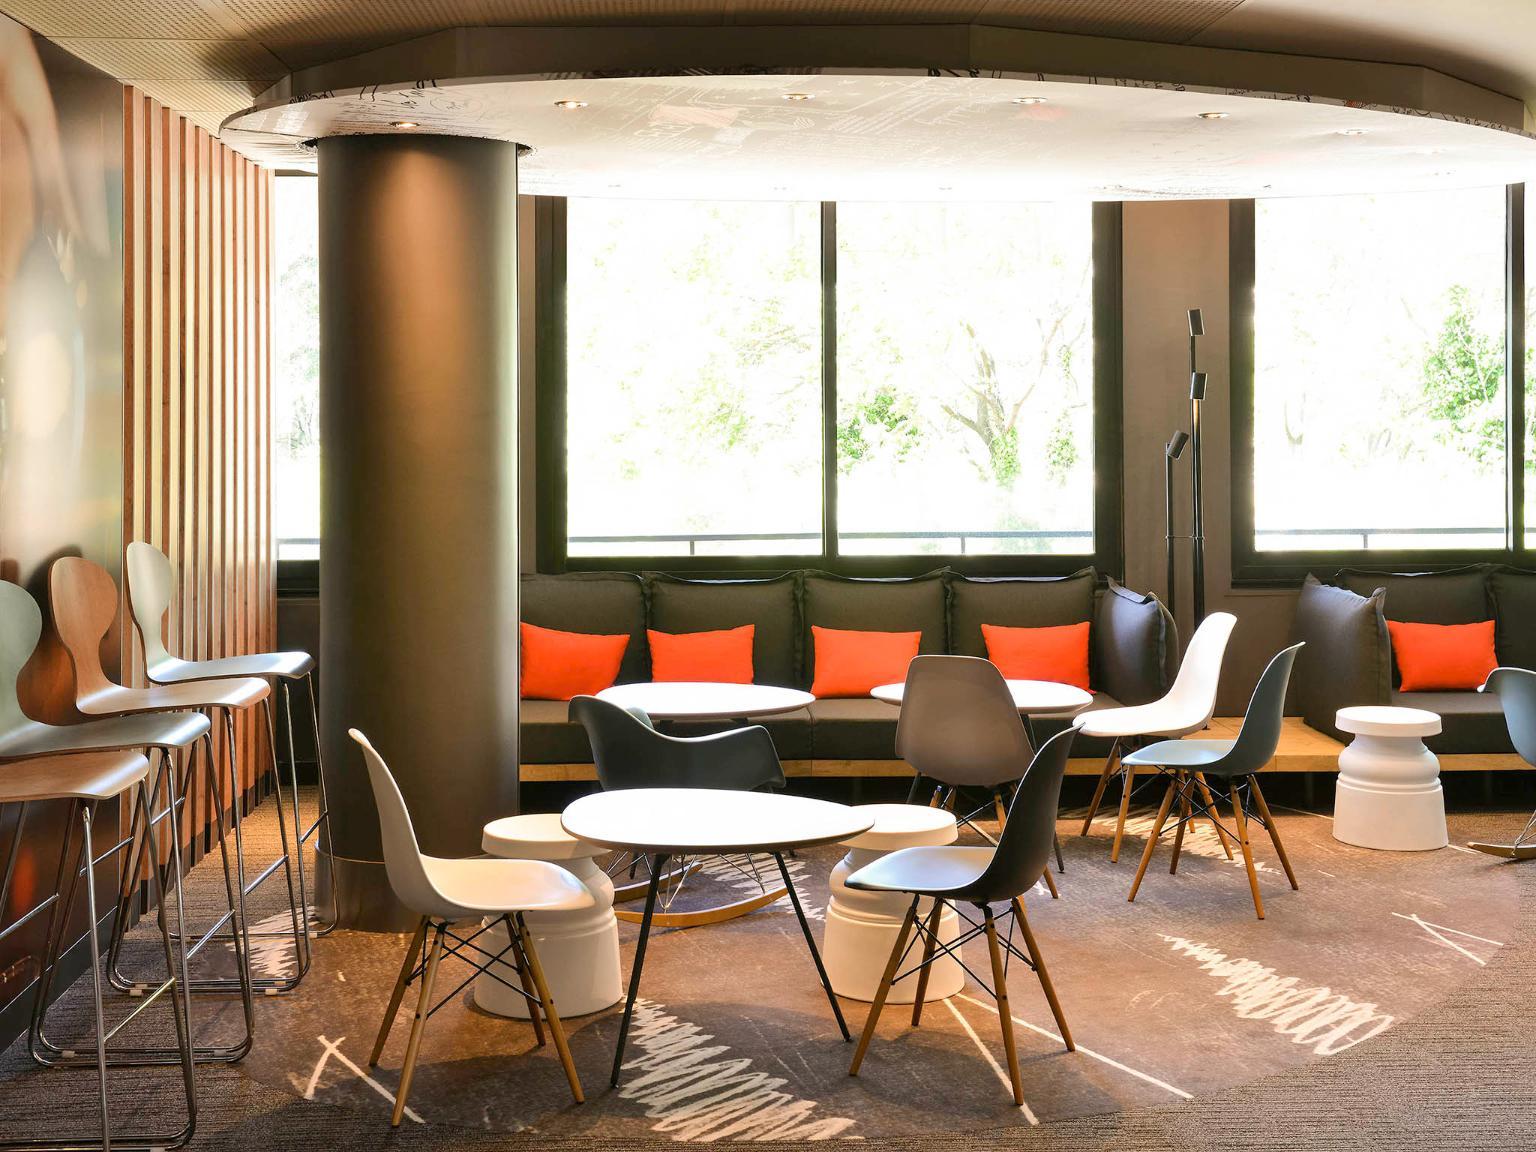 Ibis avignon centre gare h tel 42 boulevard saint roch for Au saint roch hotel et jardin